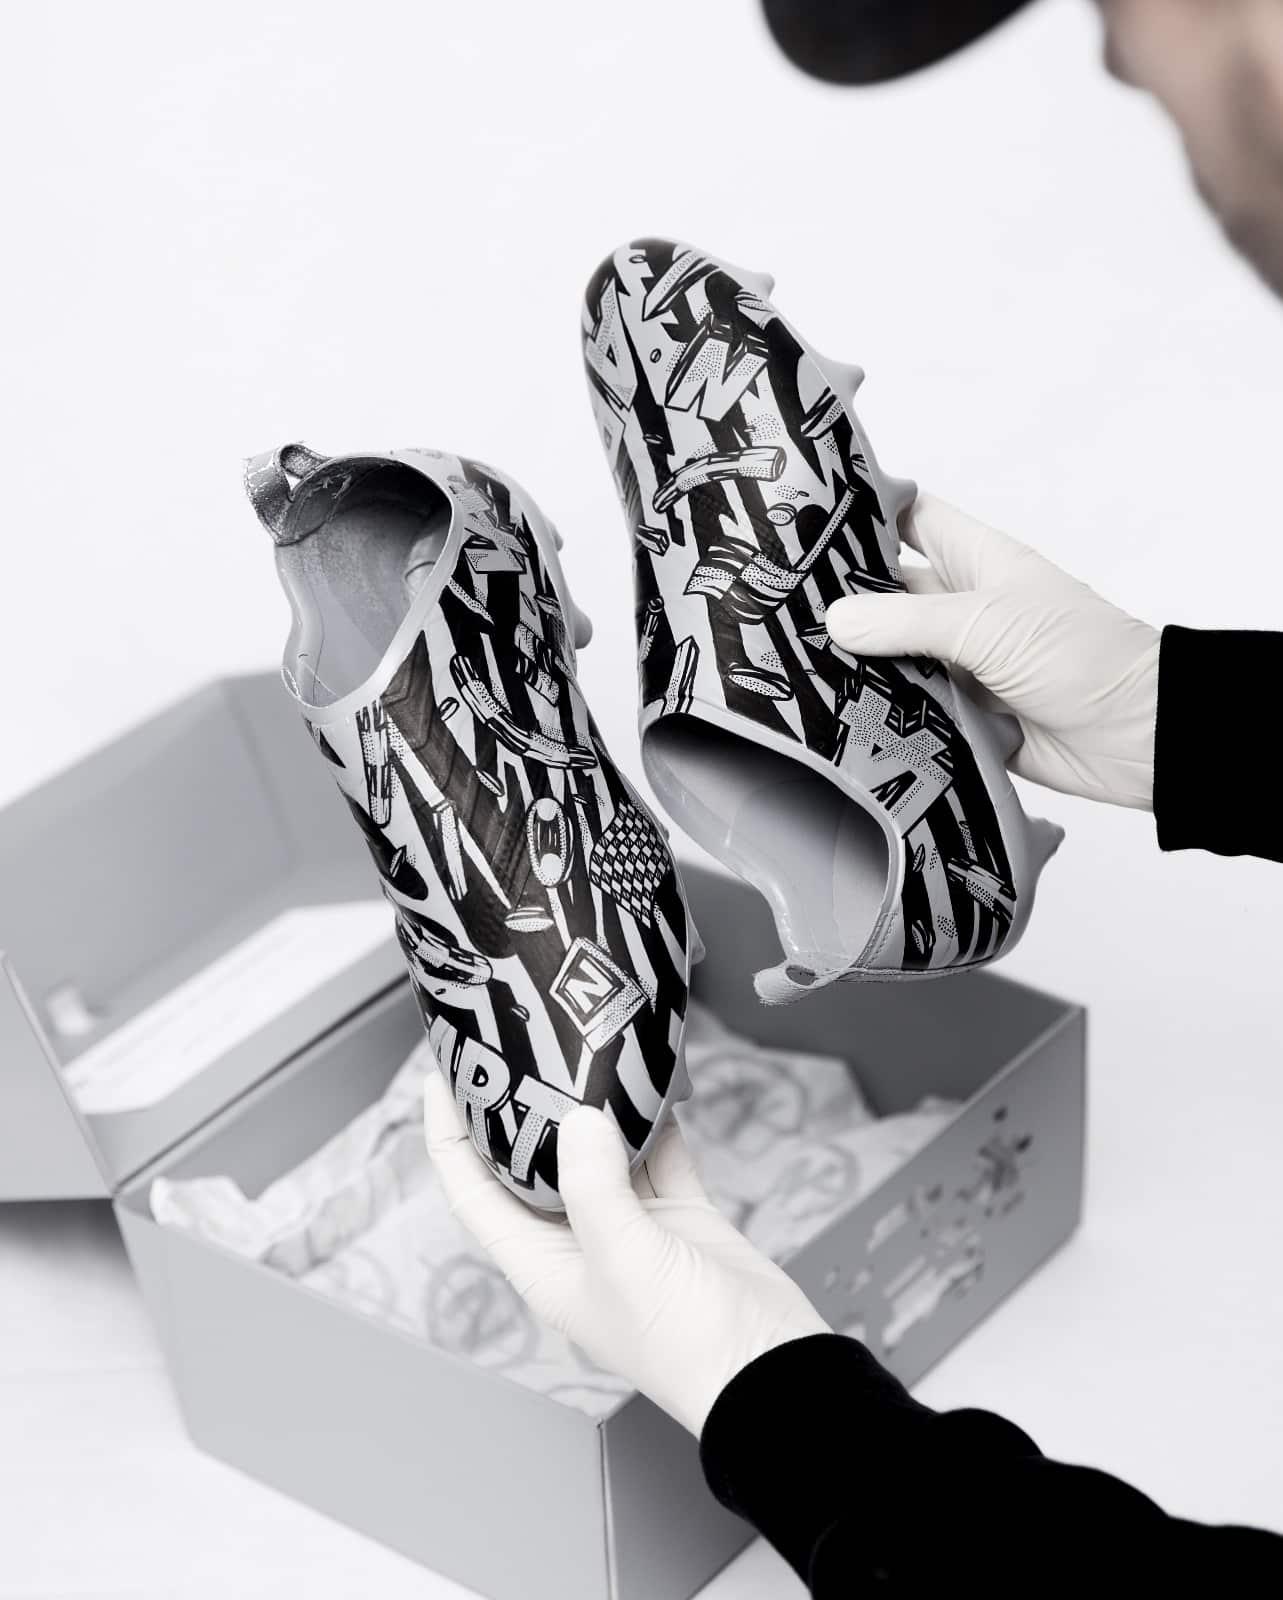 adidas dévoile trois skins Glitch customisés pas l'artiste